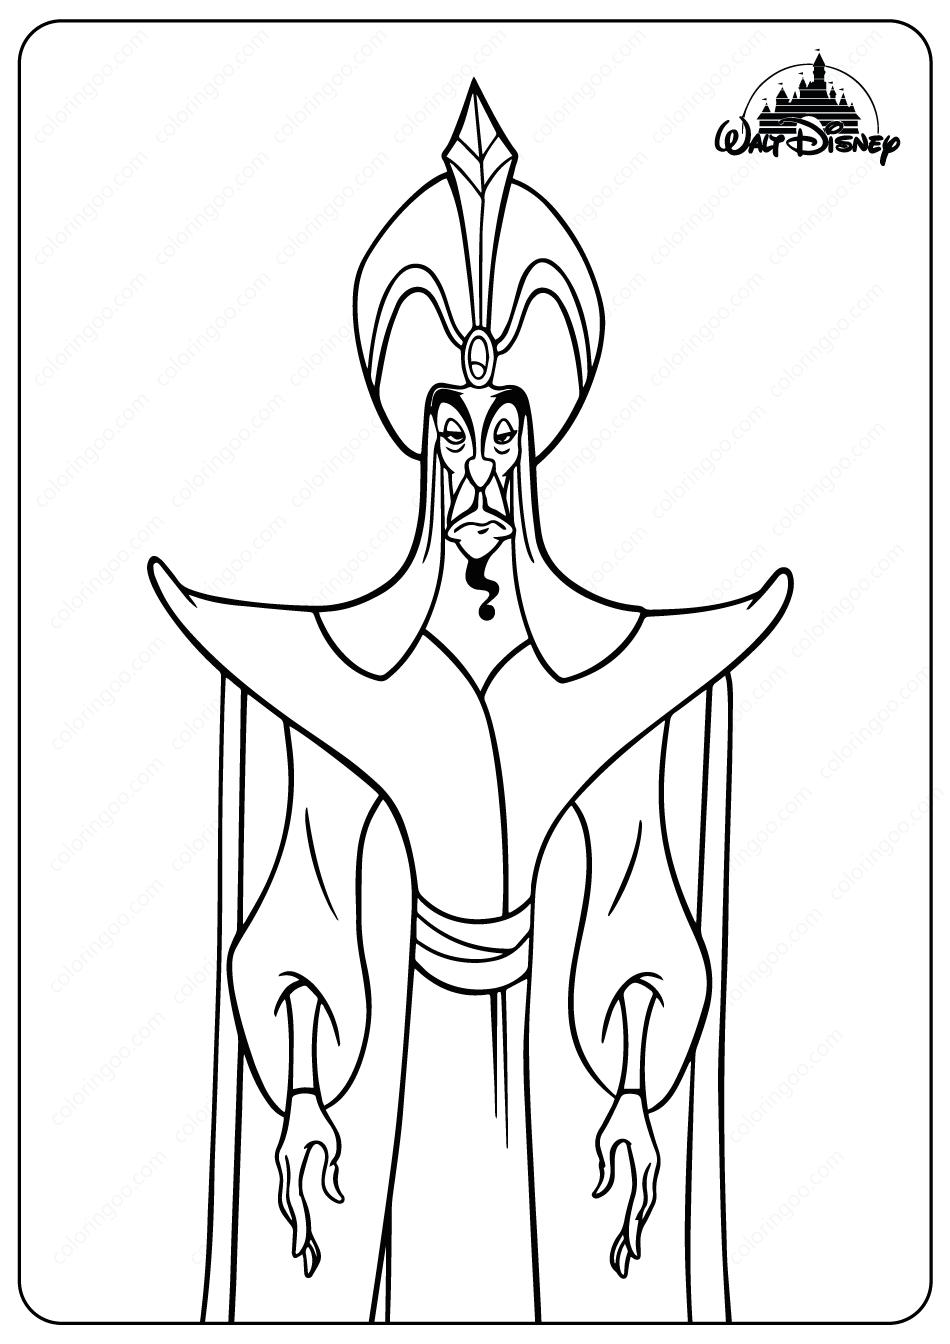 Disney The Evil Sorcerer Jafar Coloring Pages